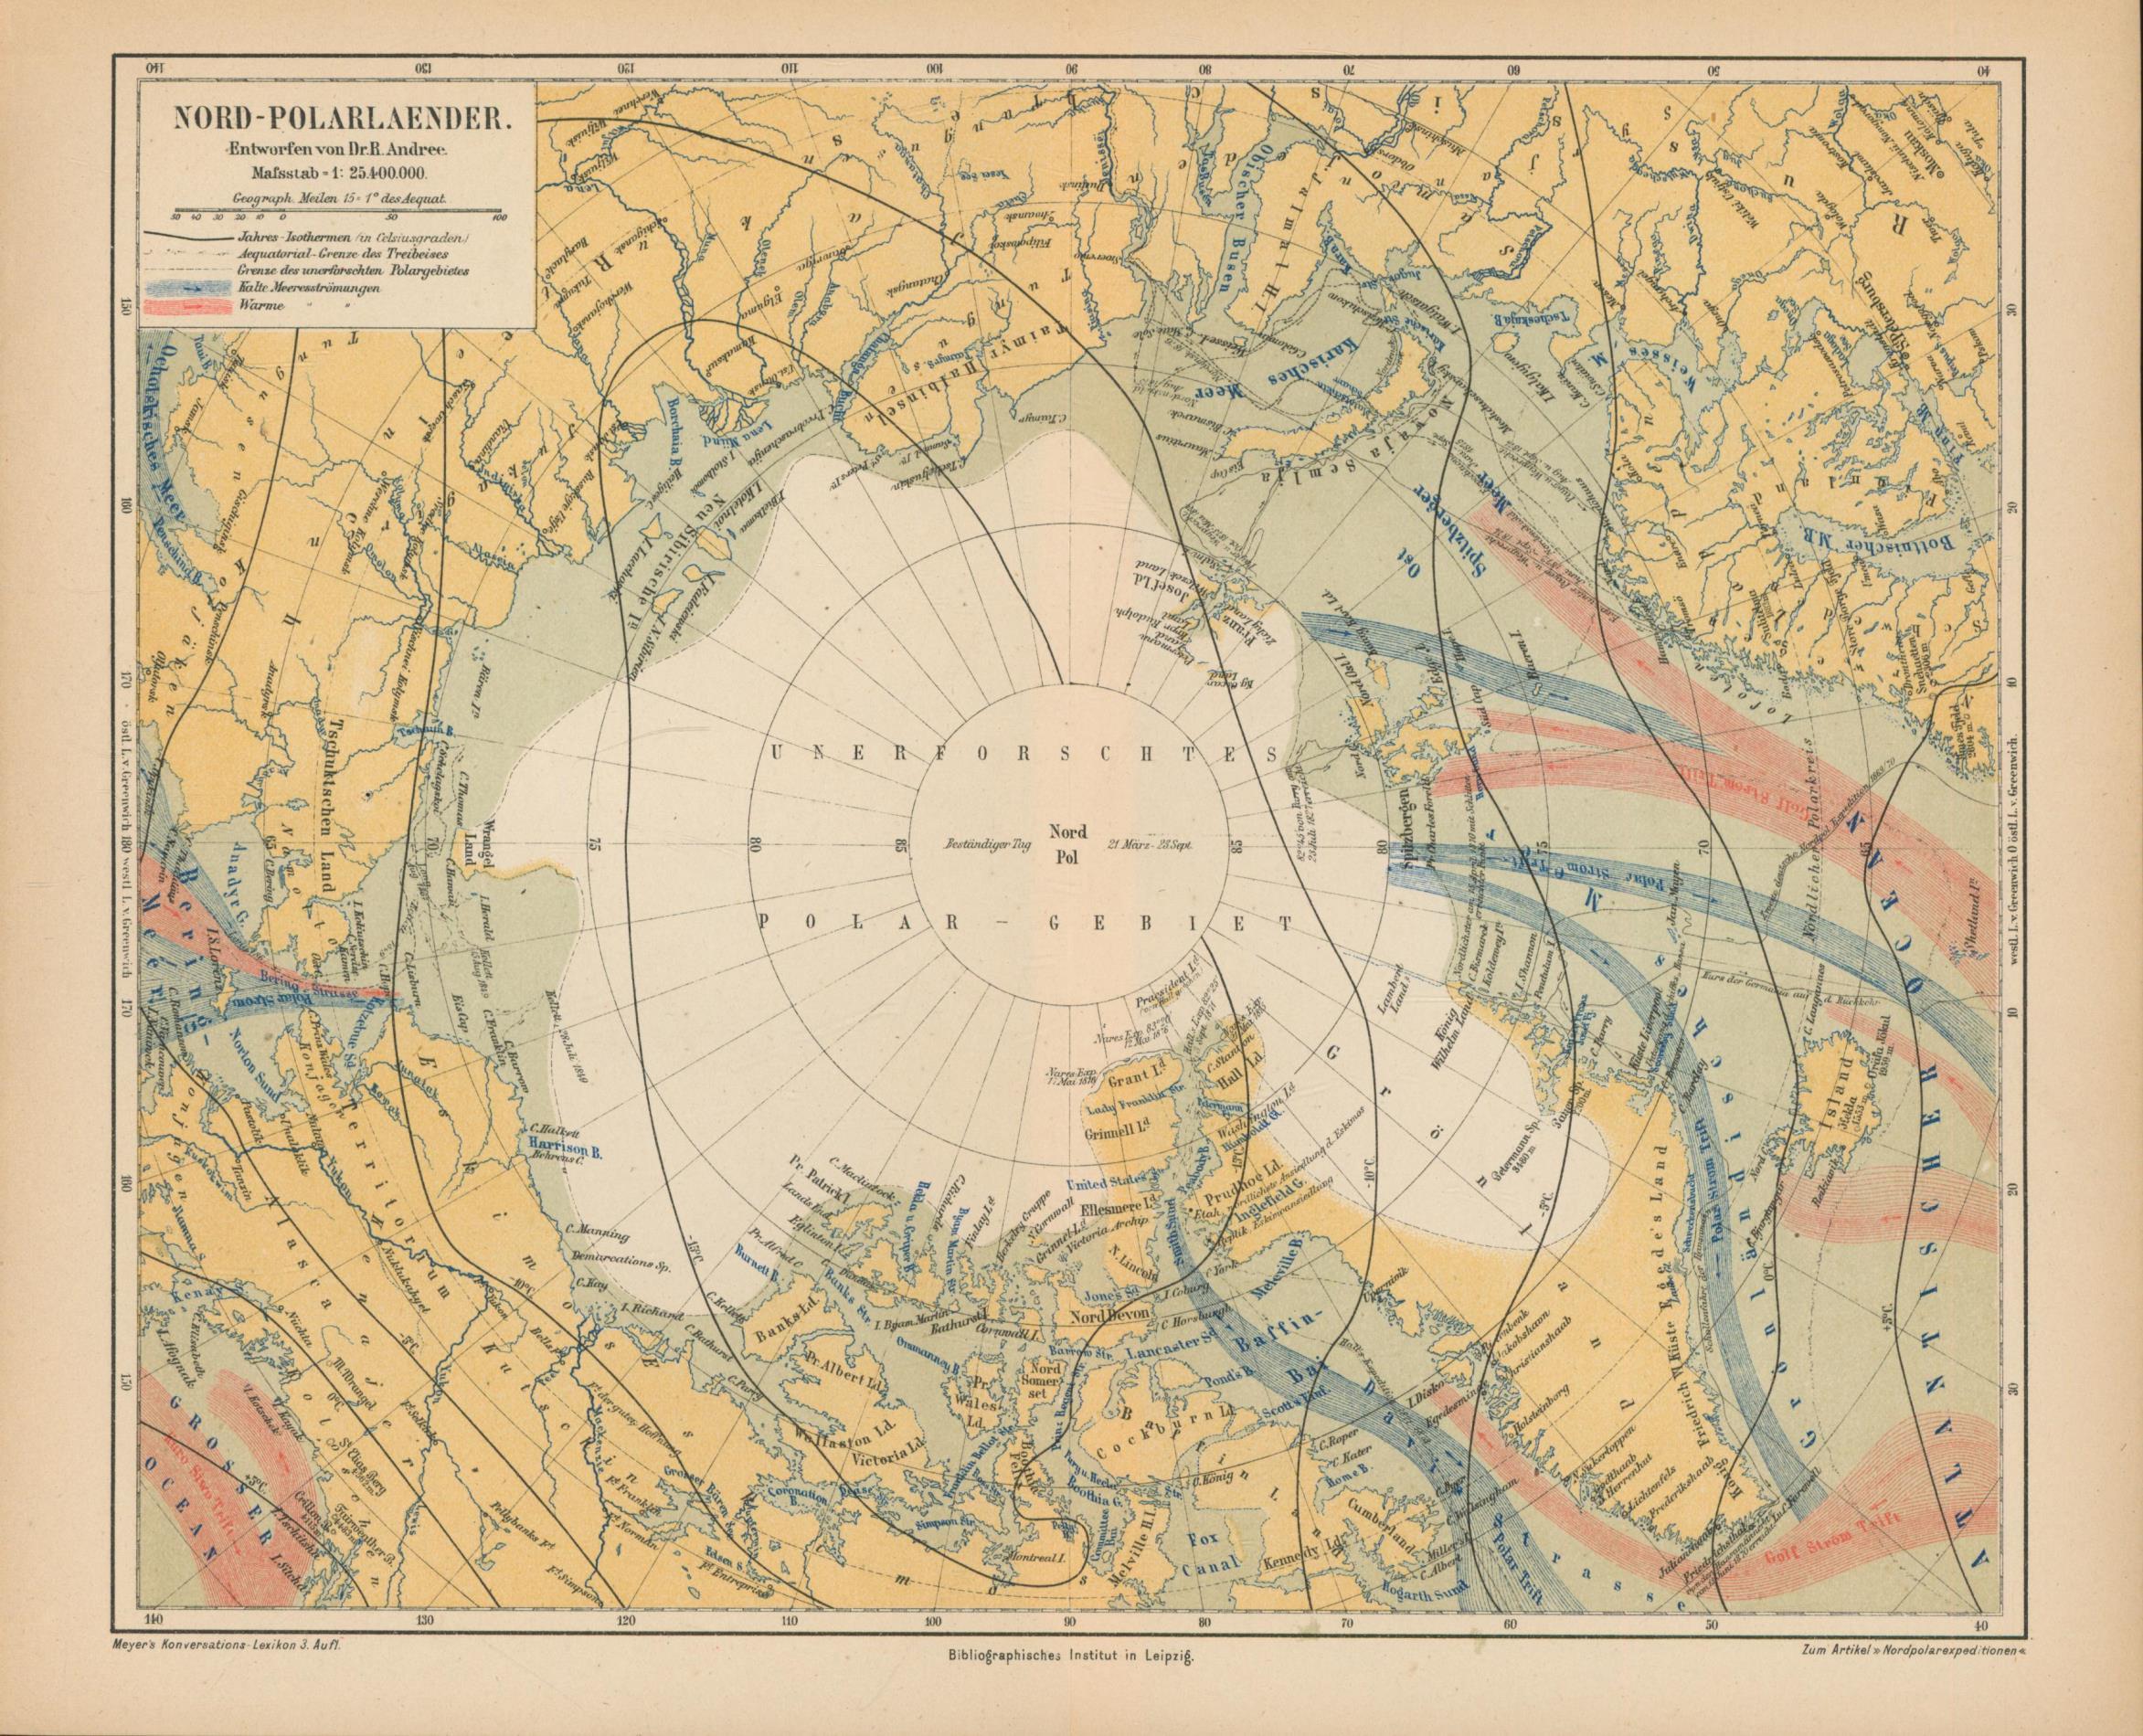 Nord-Polarlaender von 1874,Maßstab 1:25.400.000: Historische Landkarte KEIN